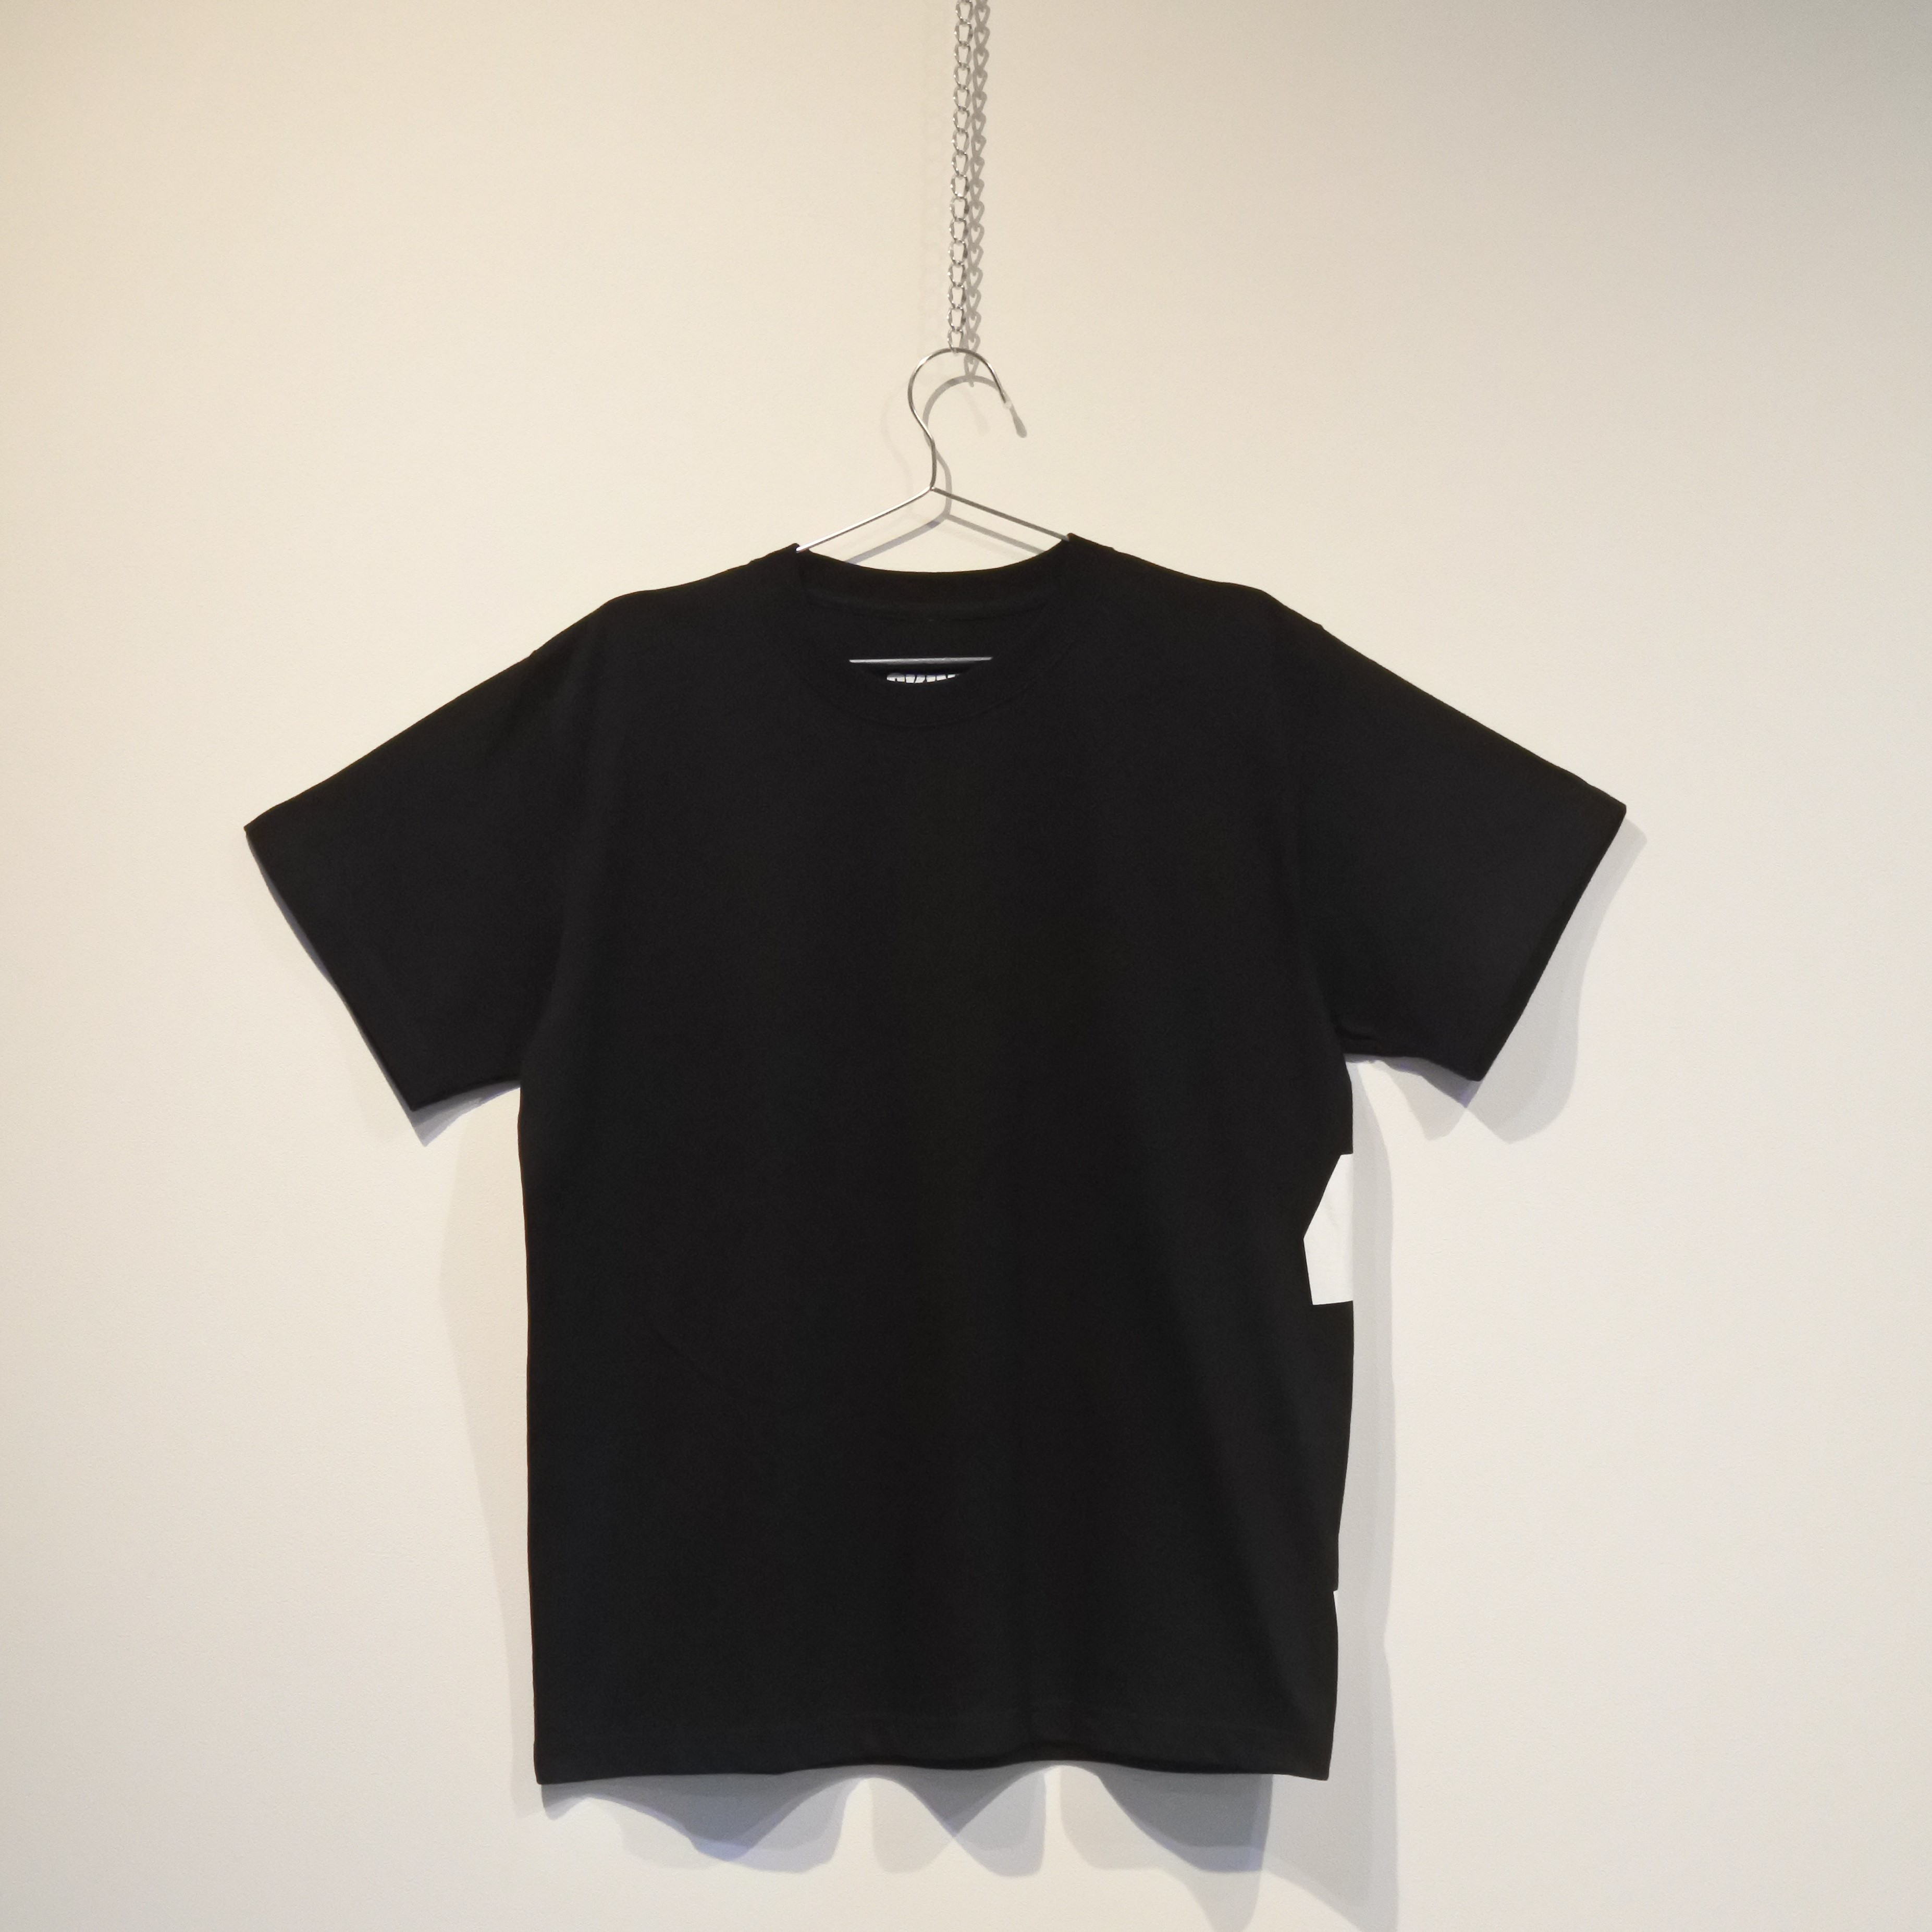 SKINN BY NOBU Tシャツ 「No.1 」